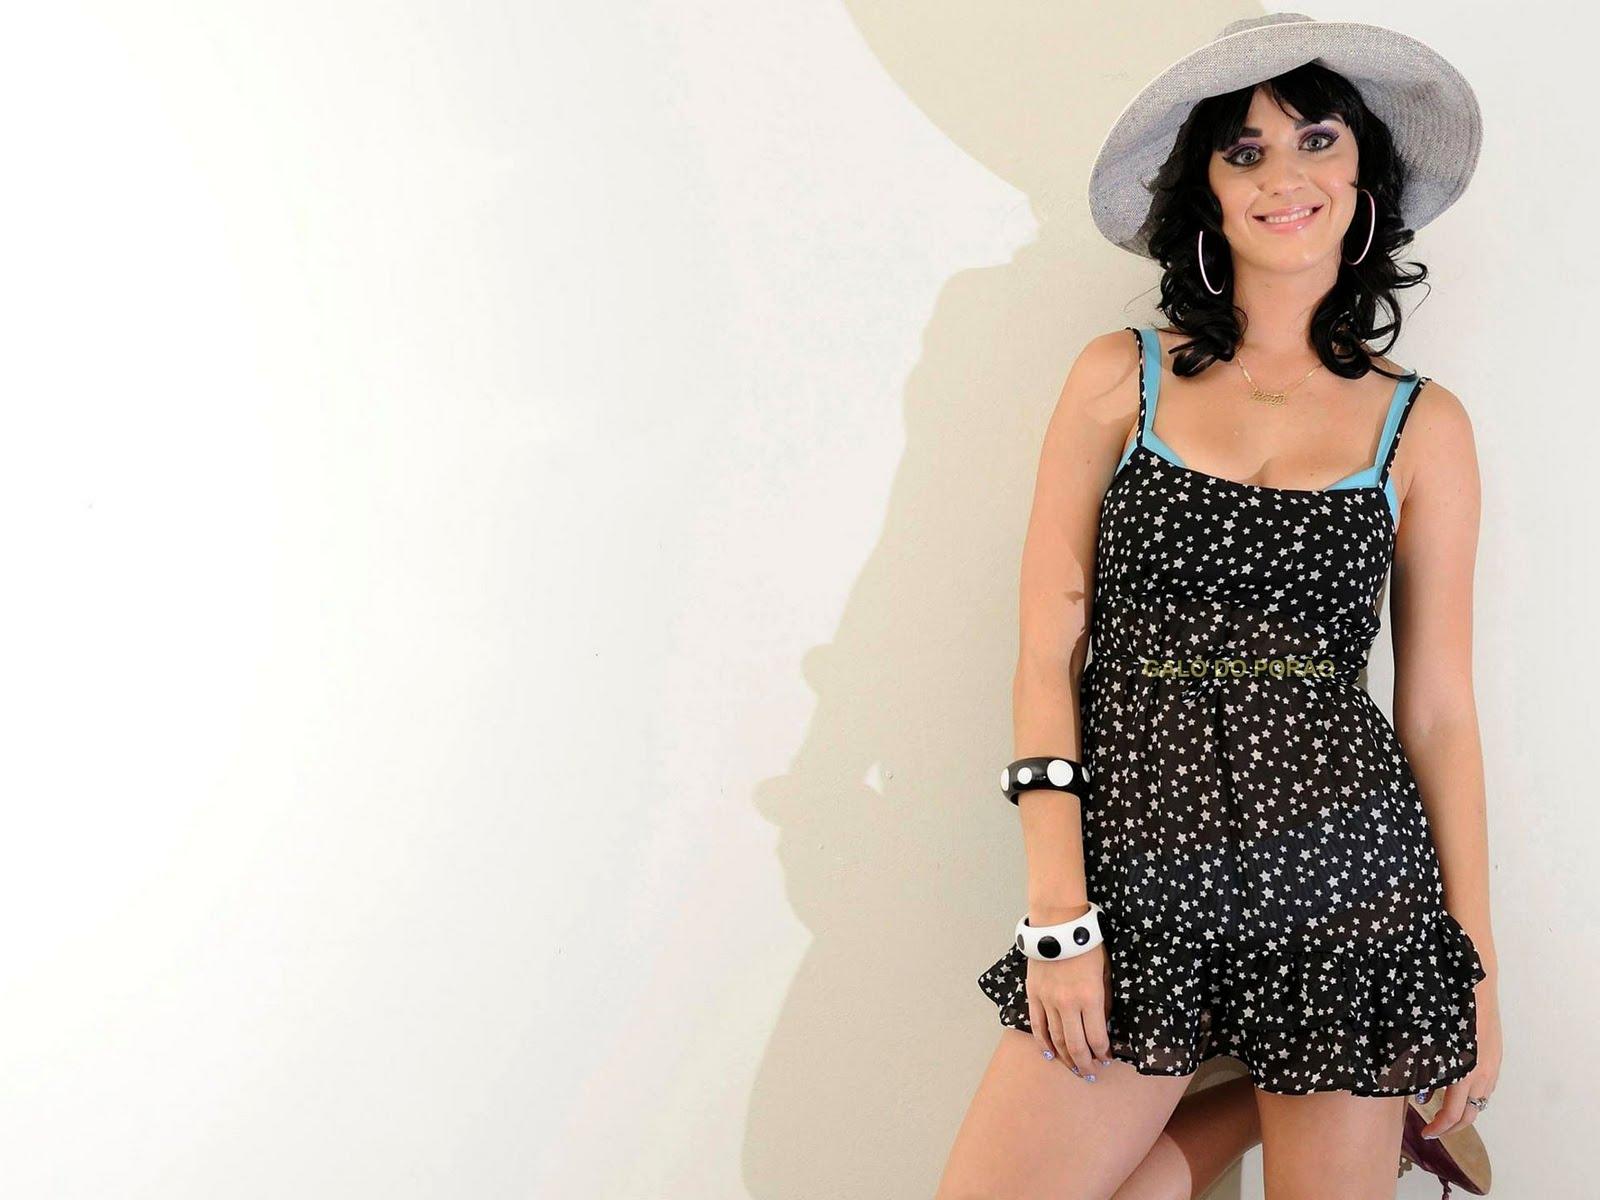 http://2.bp.blogspot.com/_6QURoNy4-5k/TGmb--R7X0I/AAAAAAAAG-Q/mykml0JsJ3U/s1600/010-katy-perry.jpg